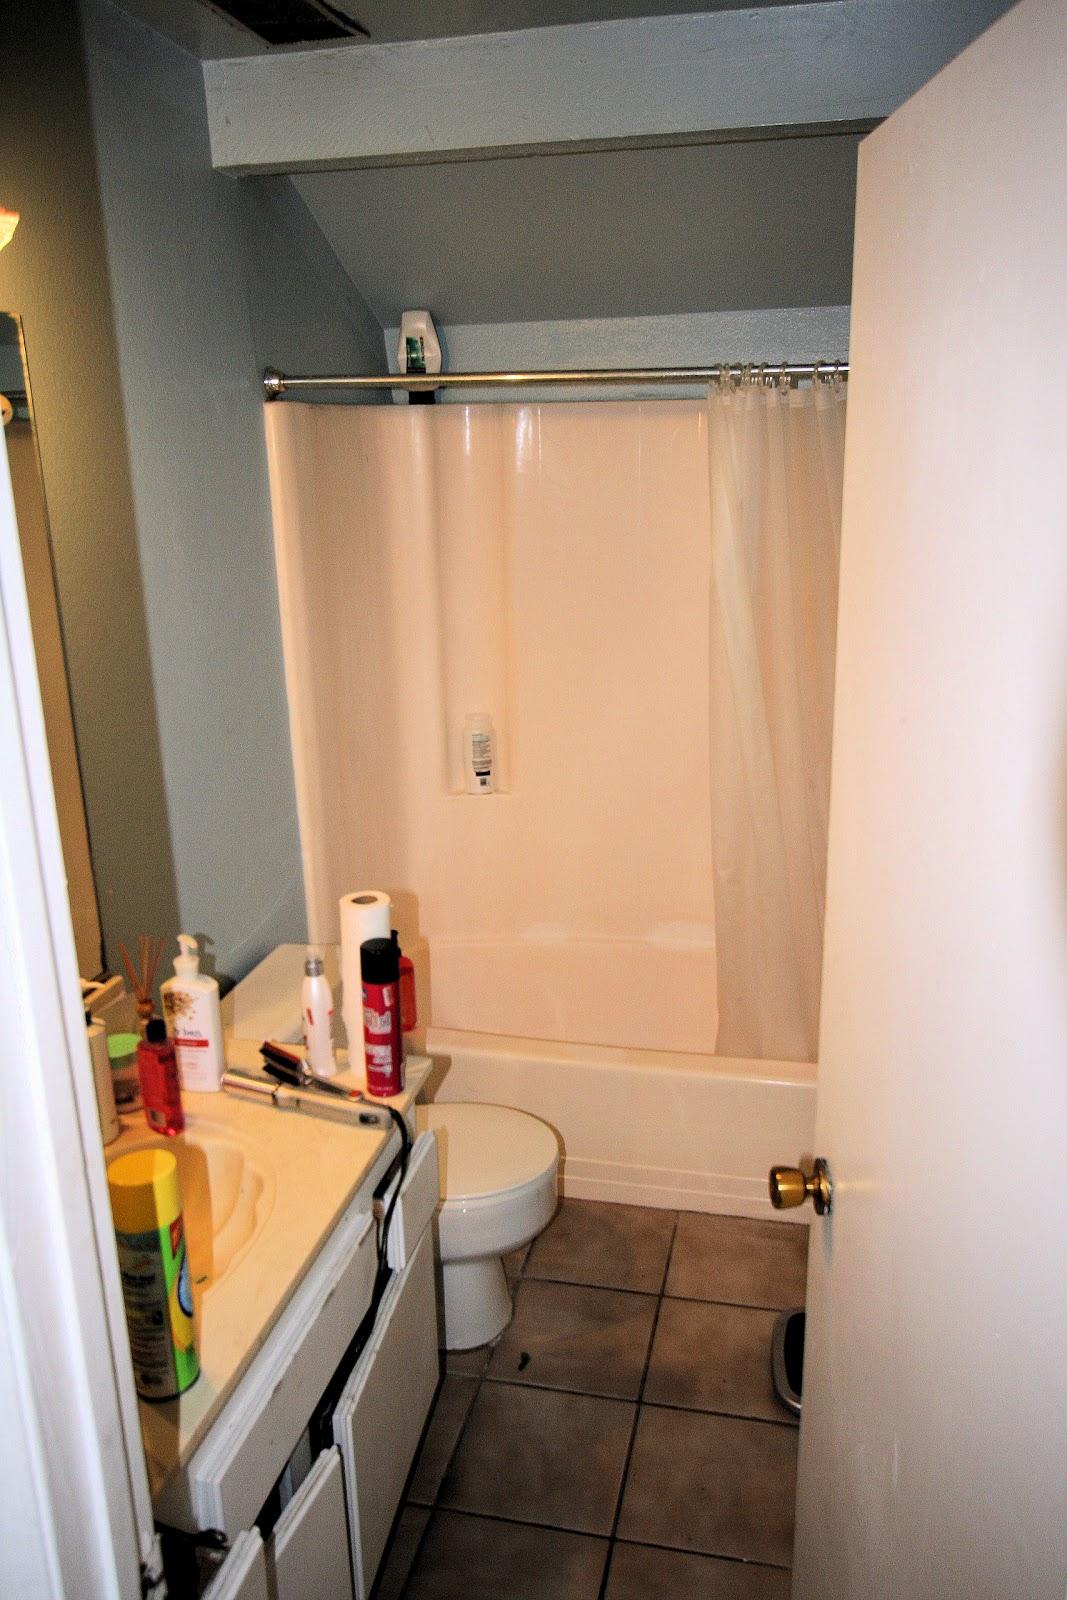 Nd Floor Bathtub Leak Through Concrete Kitchen Ceiling